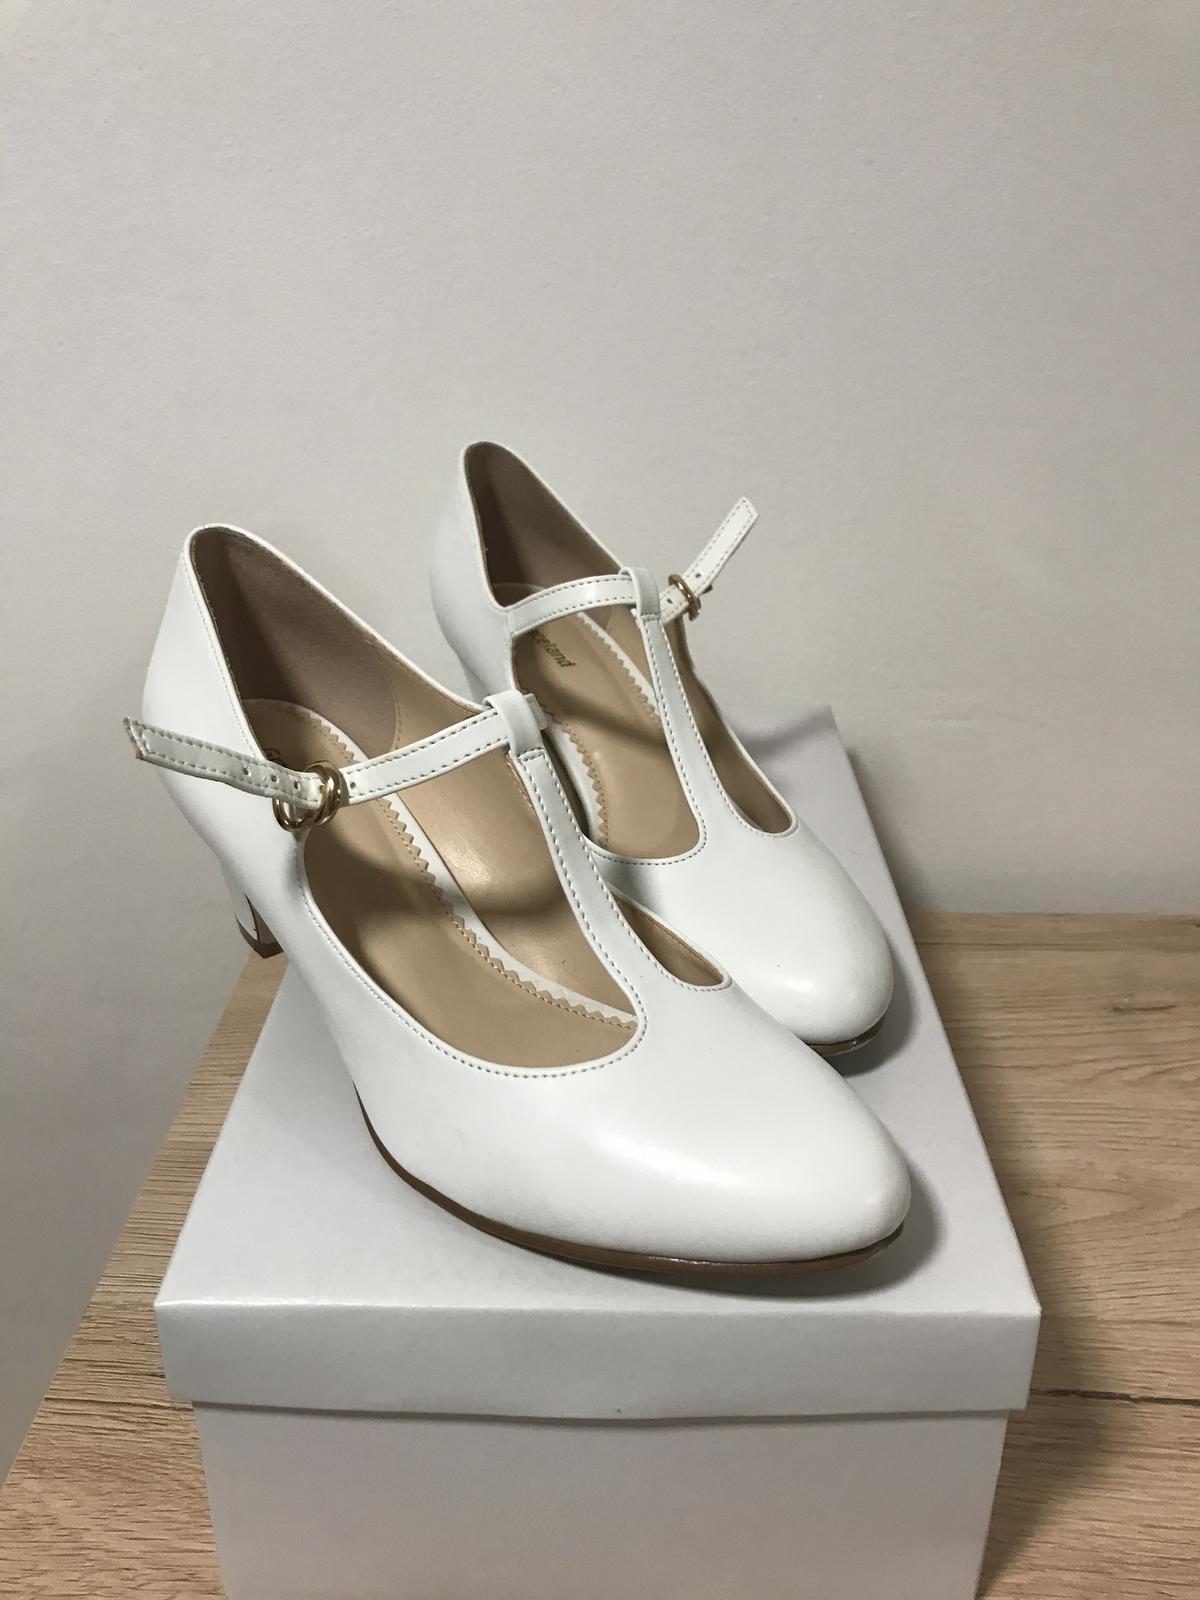 prodám svatební boty - Obrázek č. 1